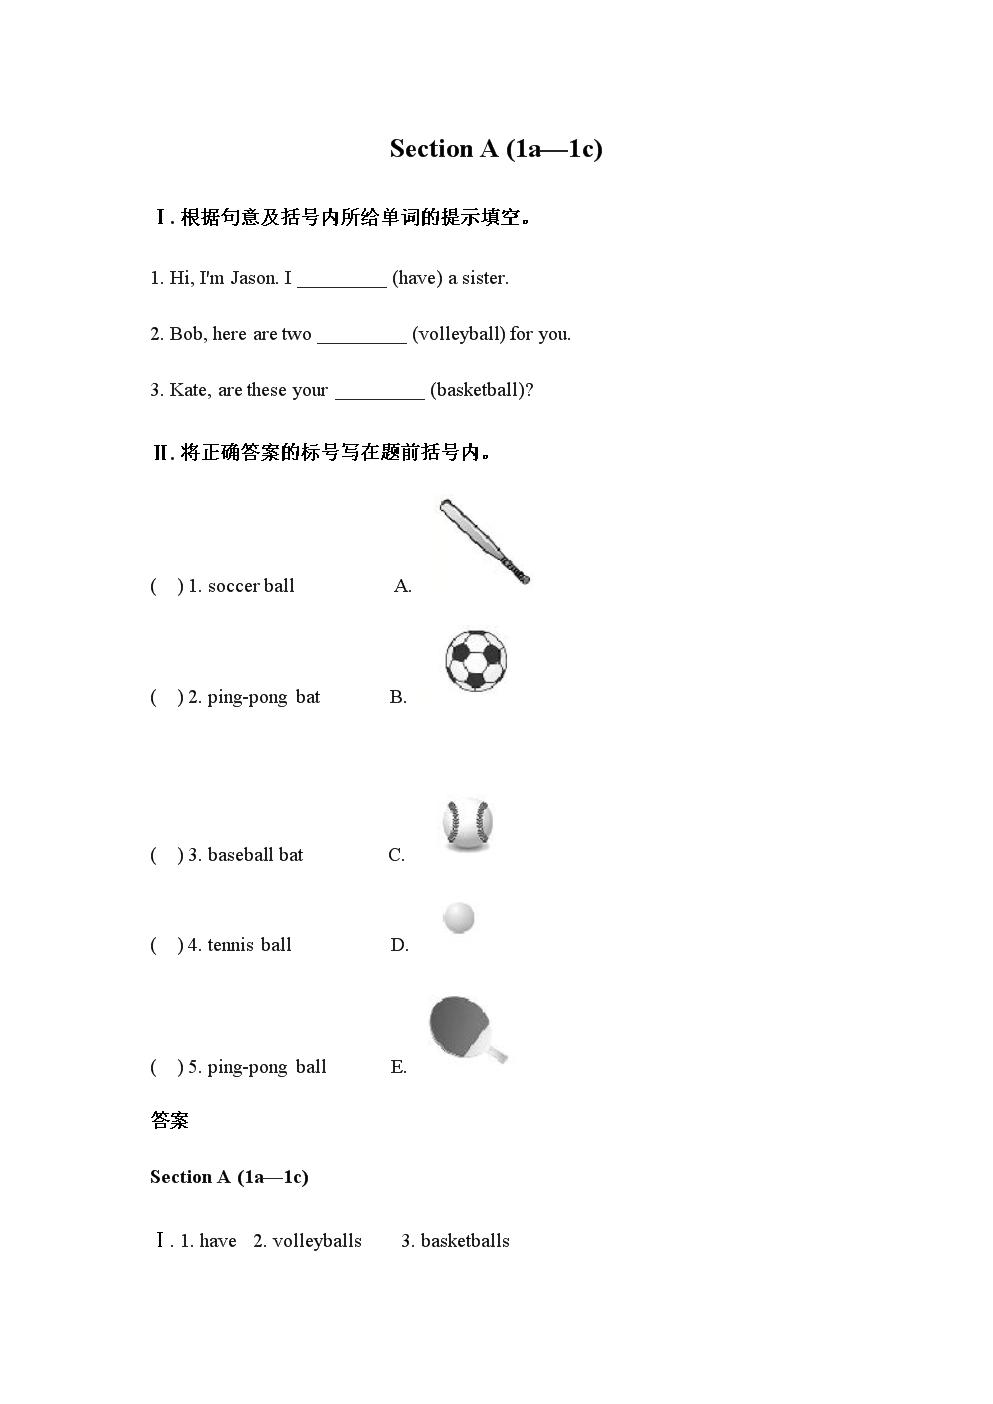 人教版新目标七年级英语上册Unit 5 Do you have a soccer ball 练习题及答案+单元测试题2套及答案.docx